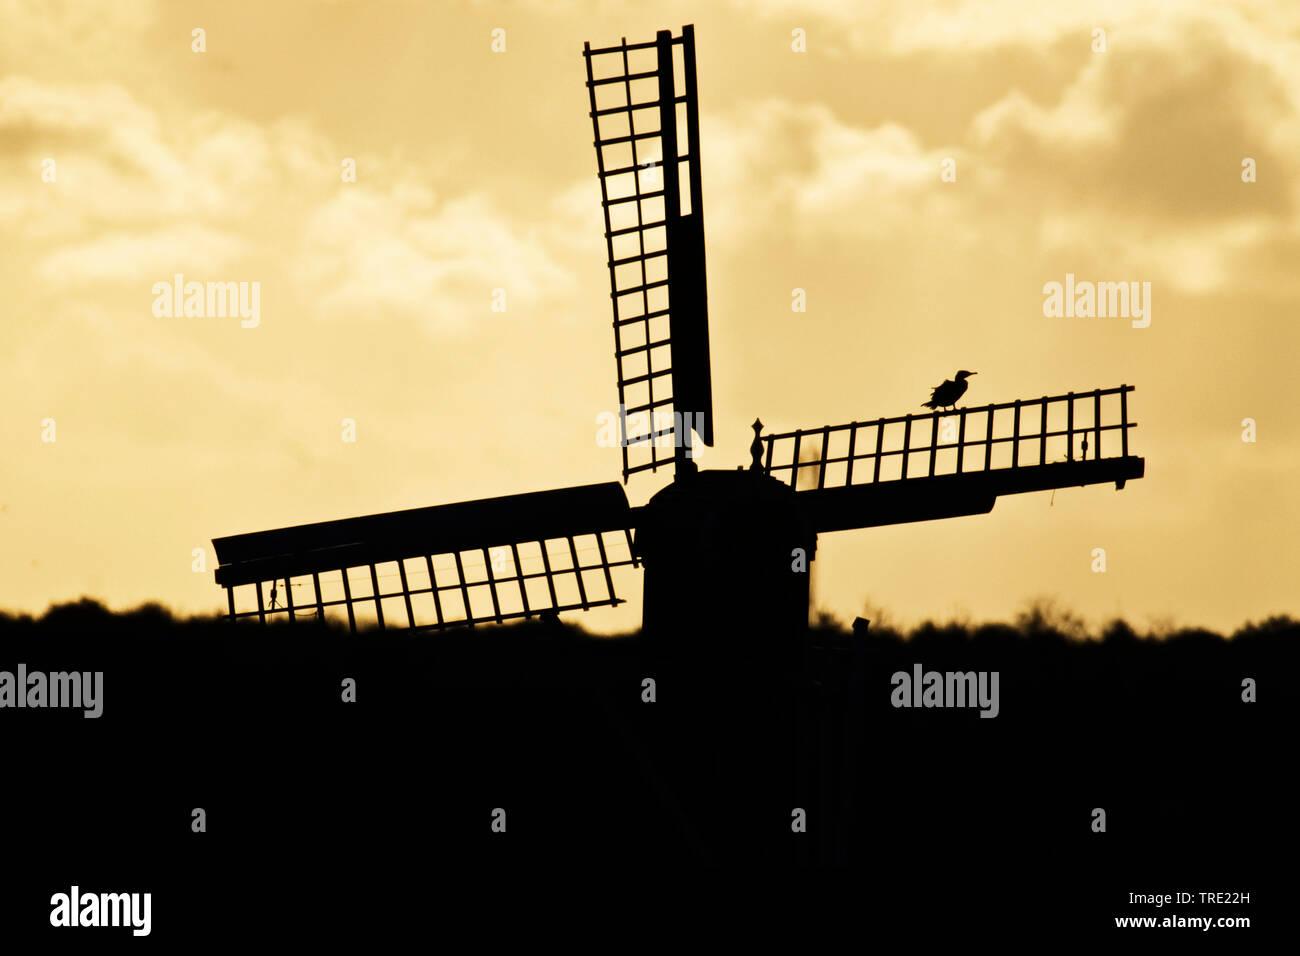 Kormoran (Phalacrocorax carbo), sitzt bei Sonnenaufgang auf dem Fluegel einer Windmuehle bei Waal en Burg, Niederlande, Texel   great cormorant (Phala - Stock Image